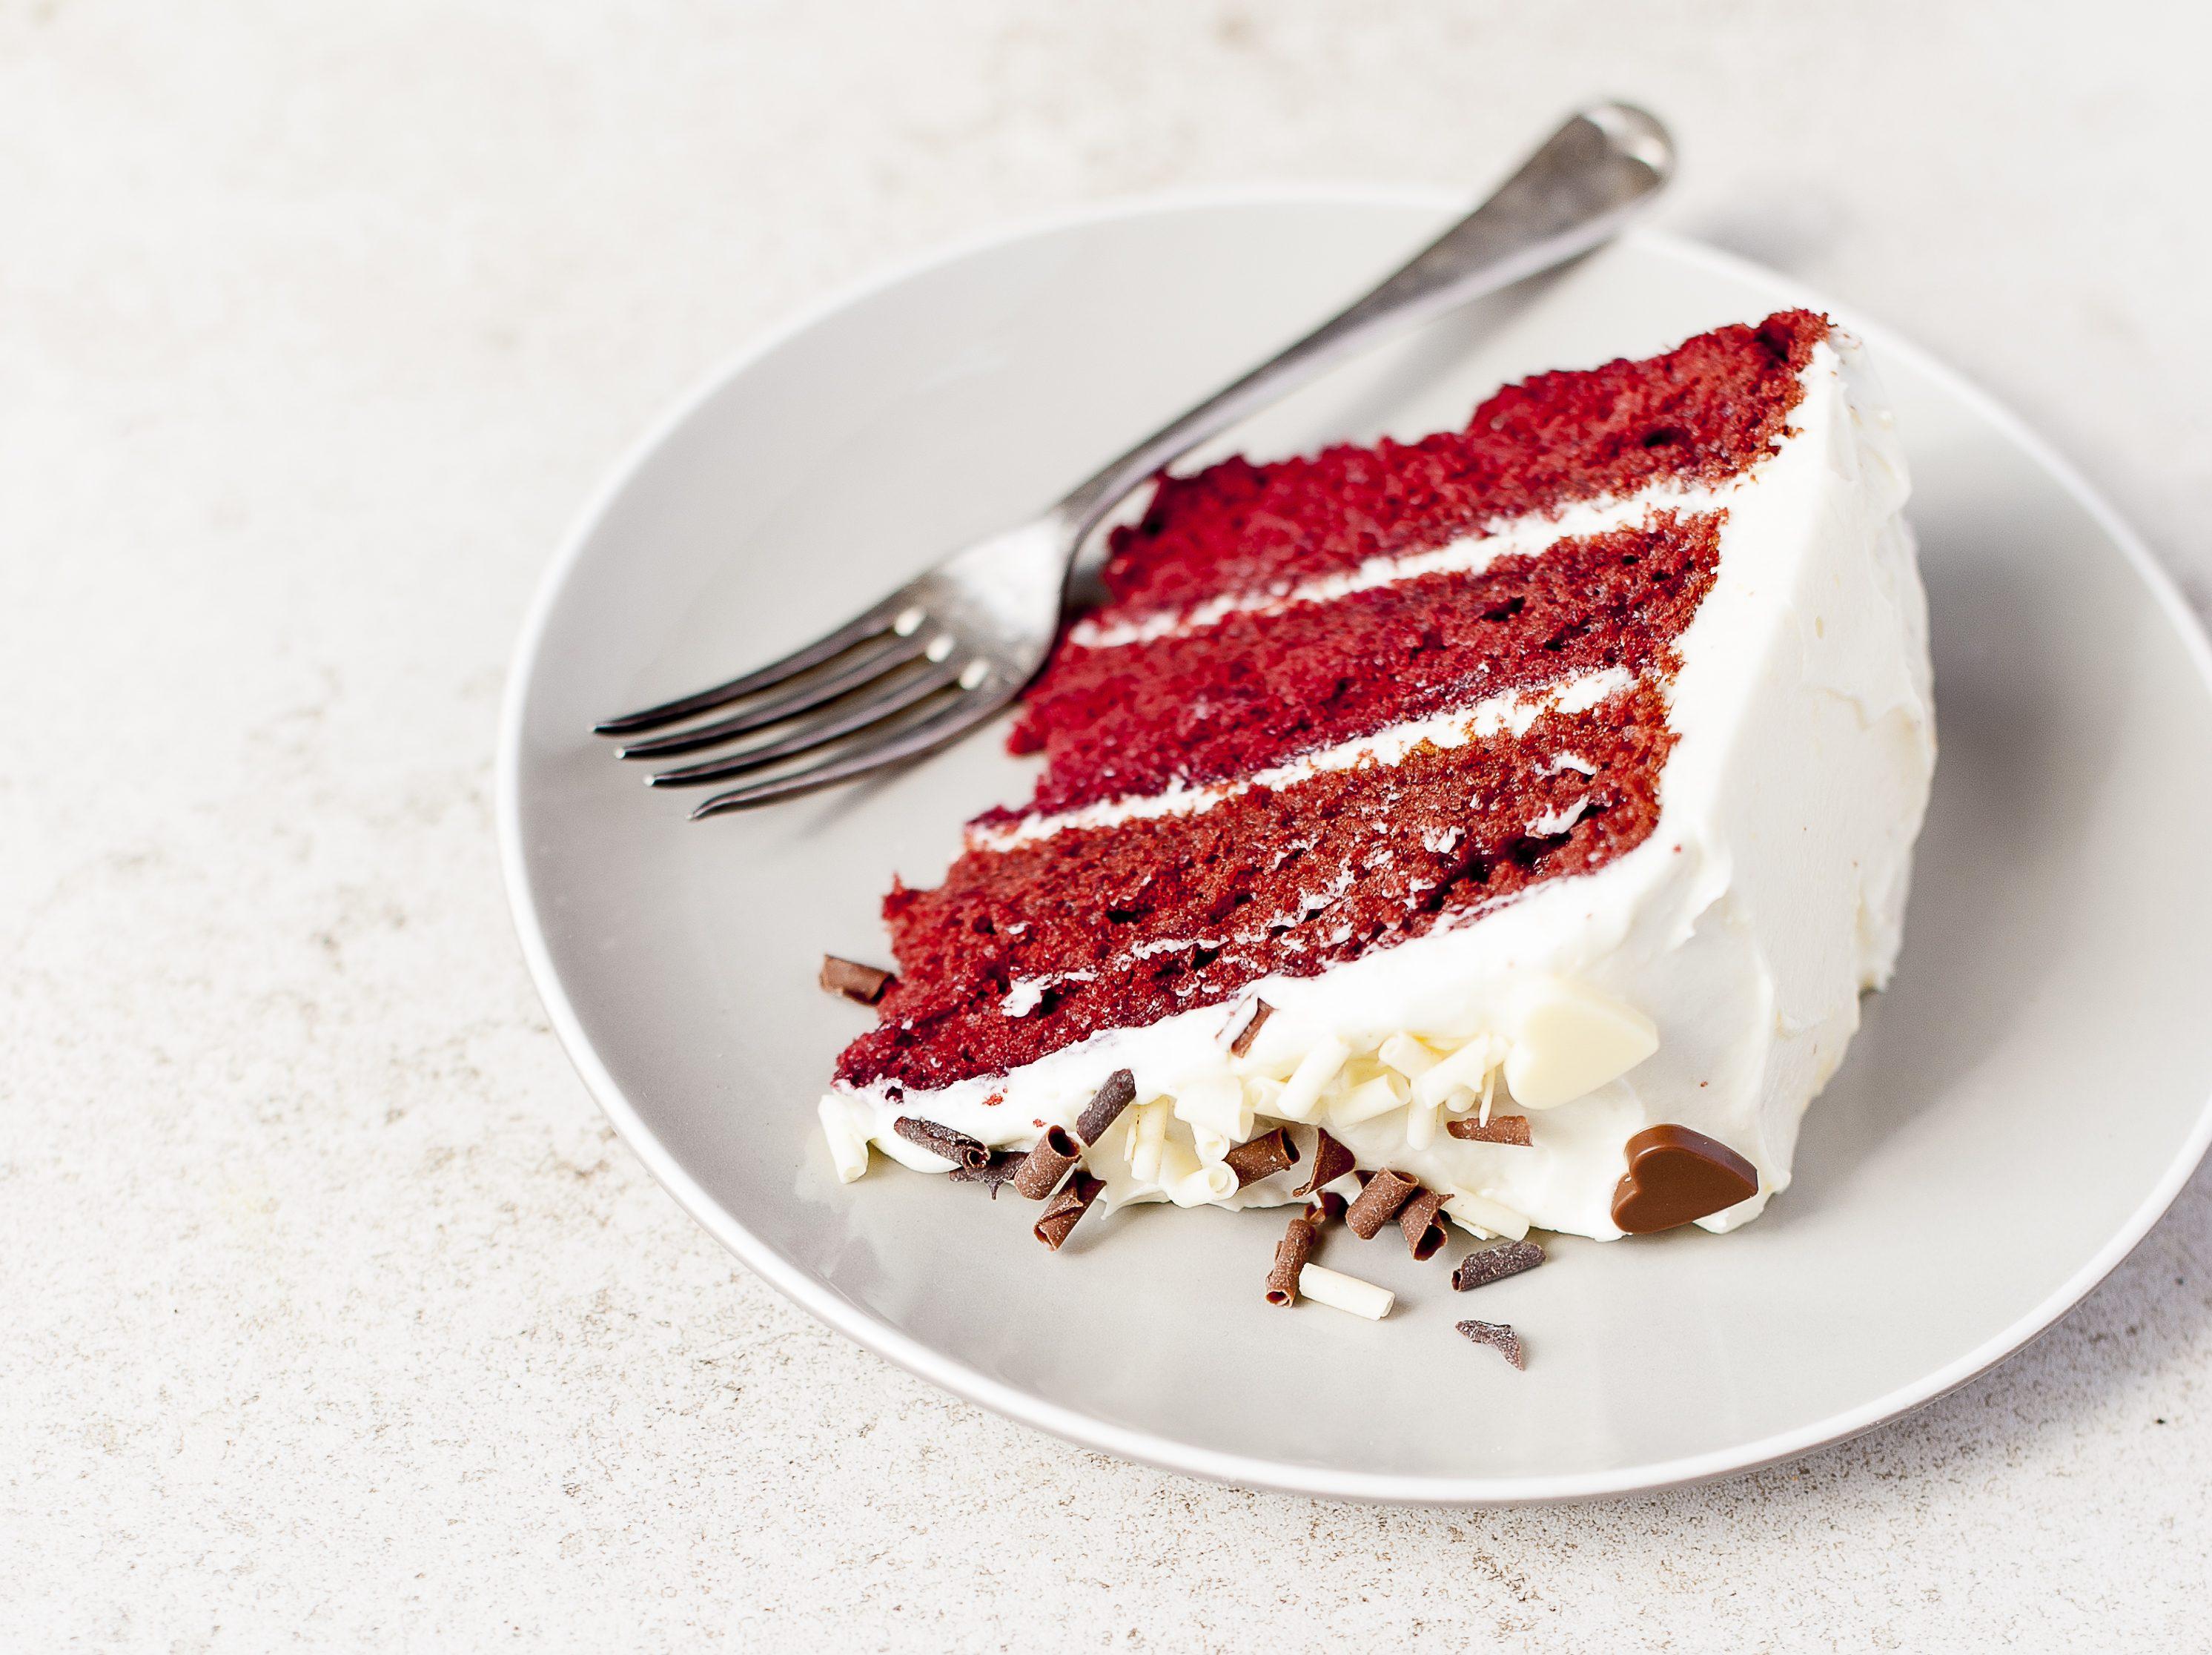 Food Colouring For Red Velvet Cake